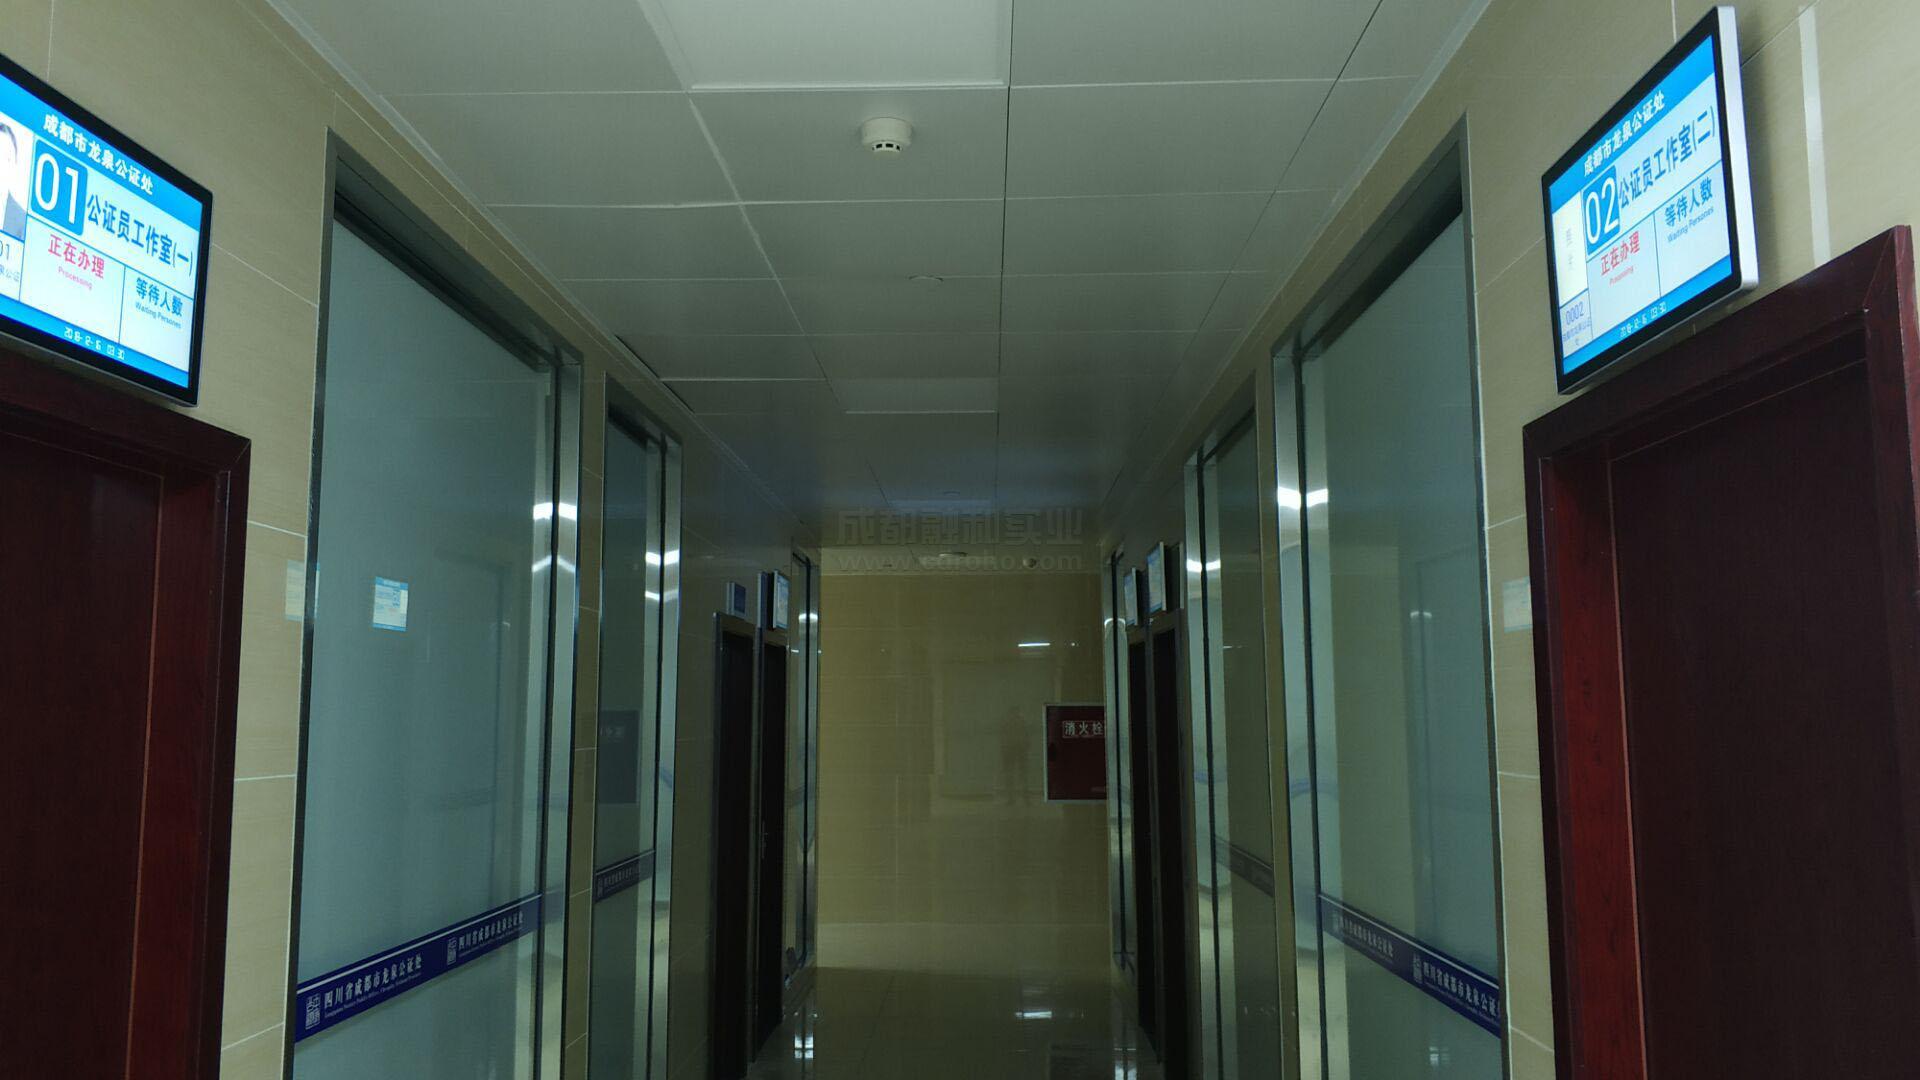 智慧党群服务中心排队系统之门顶横屏显示